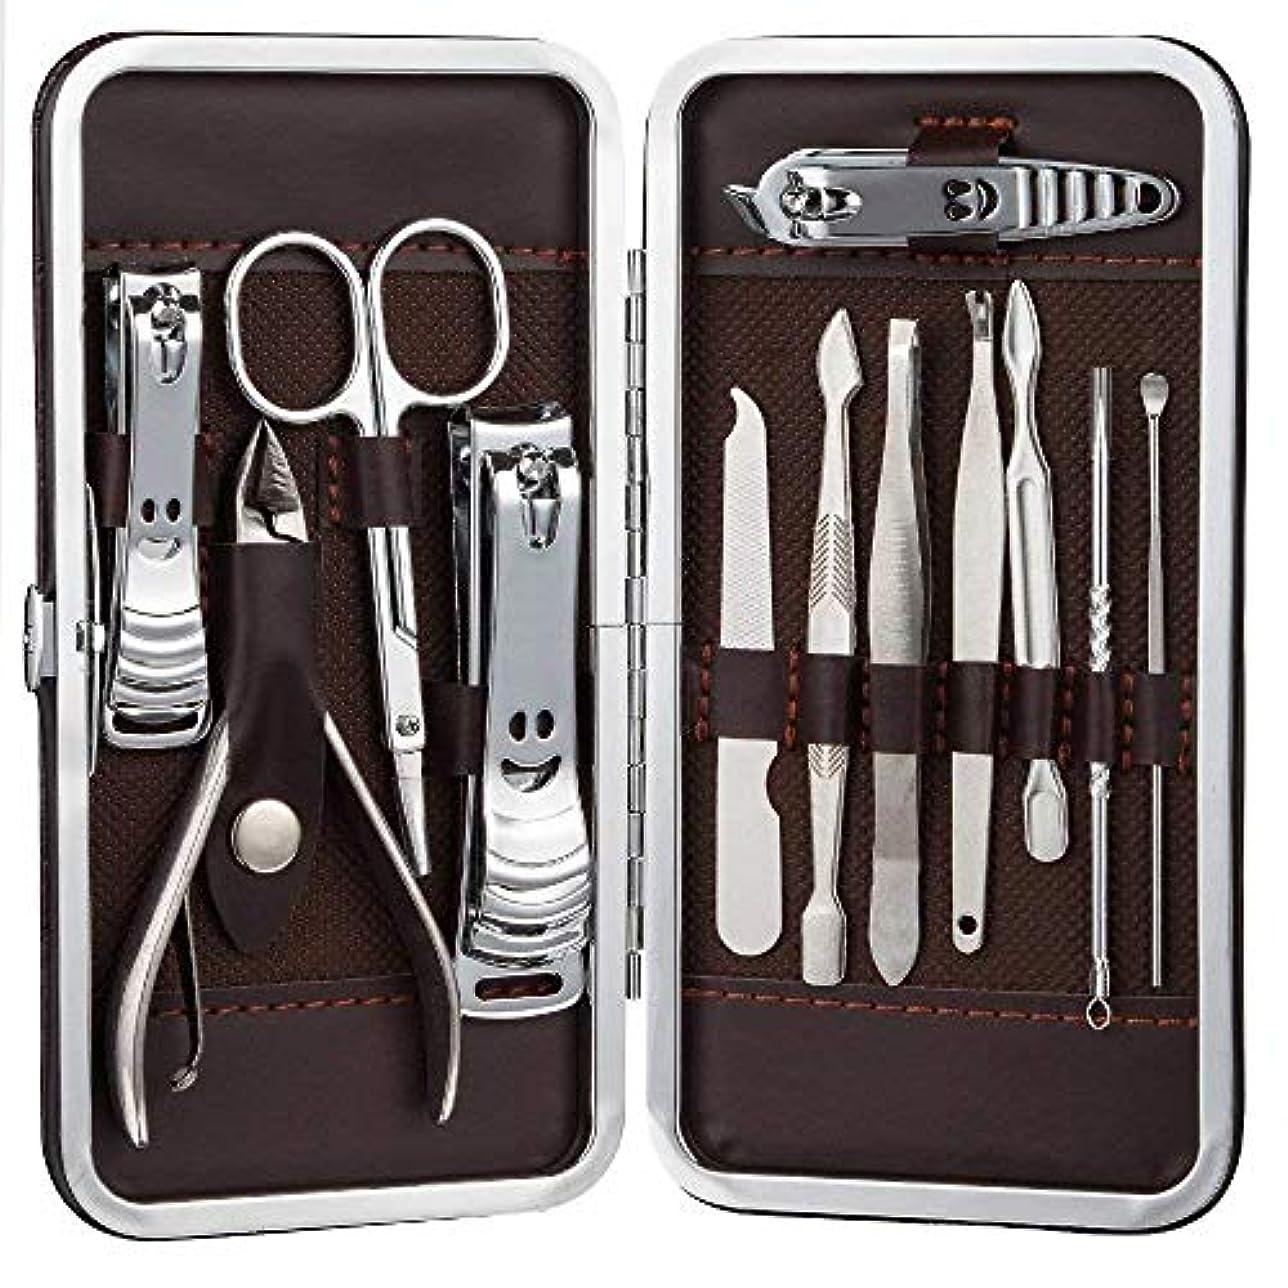 爪切りセット マニキュアセット ネイルニッパー グルーミングキット エチケットセット 手足爪磨き はさみ 甘皮処理 携帯便利 男女兼用 専用収納ケース付き